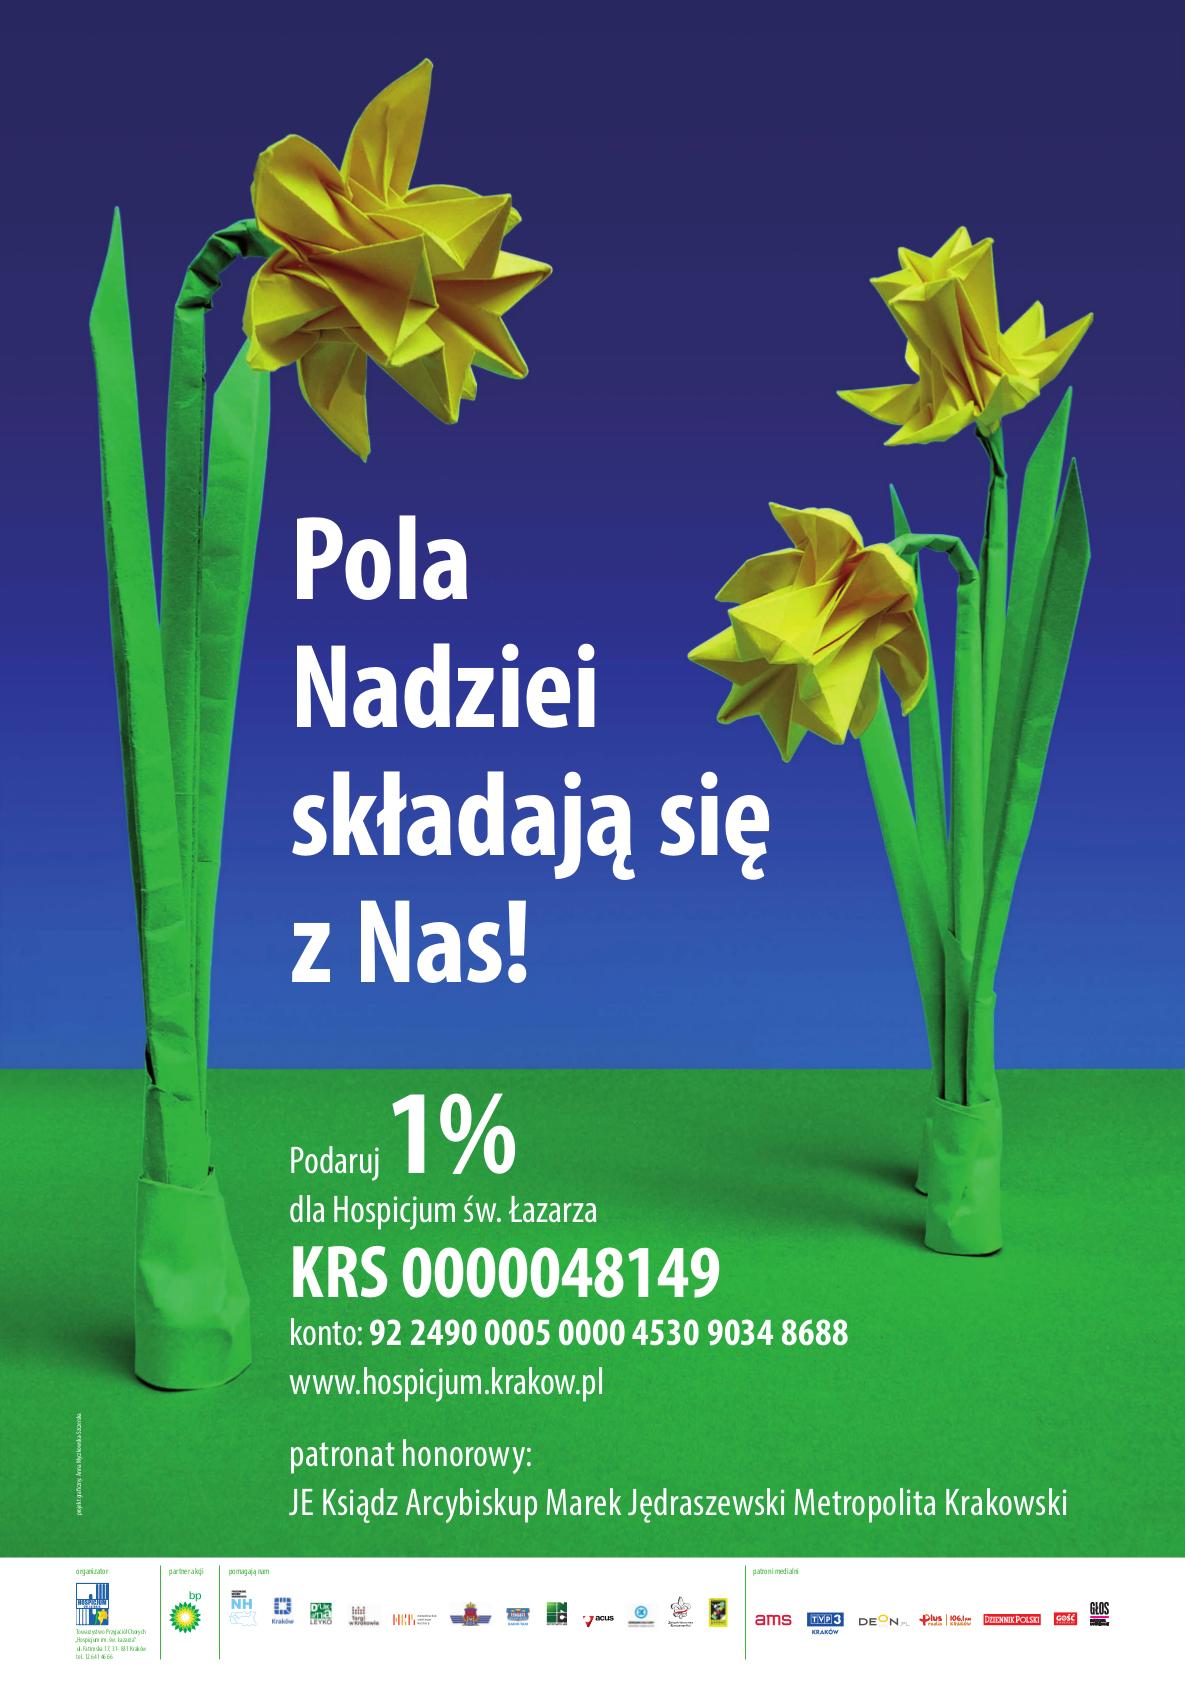 """Sadzenie żonkili na akcję """"Pola Nadziei"""" Hospicjum św. Łazarza"""